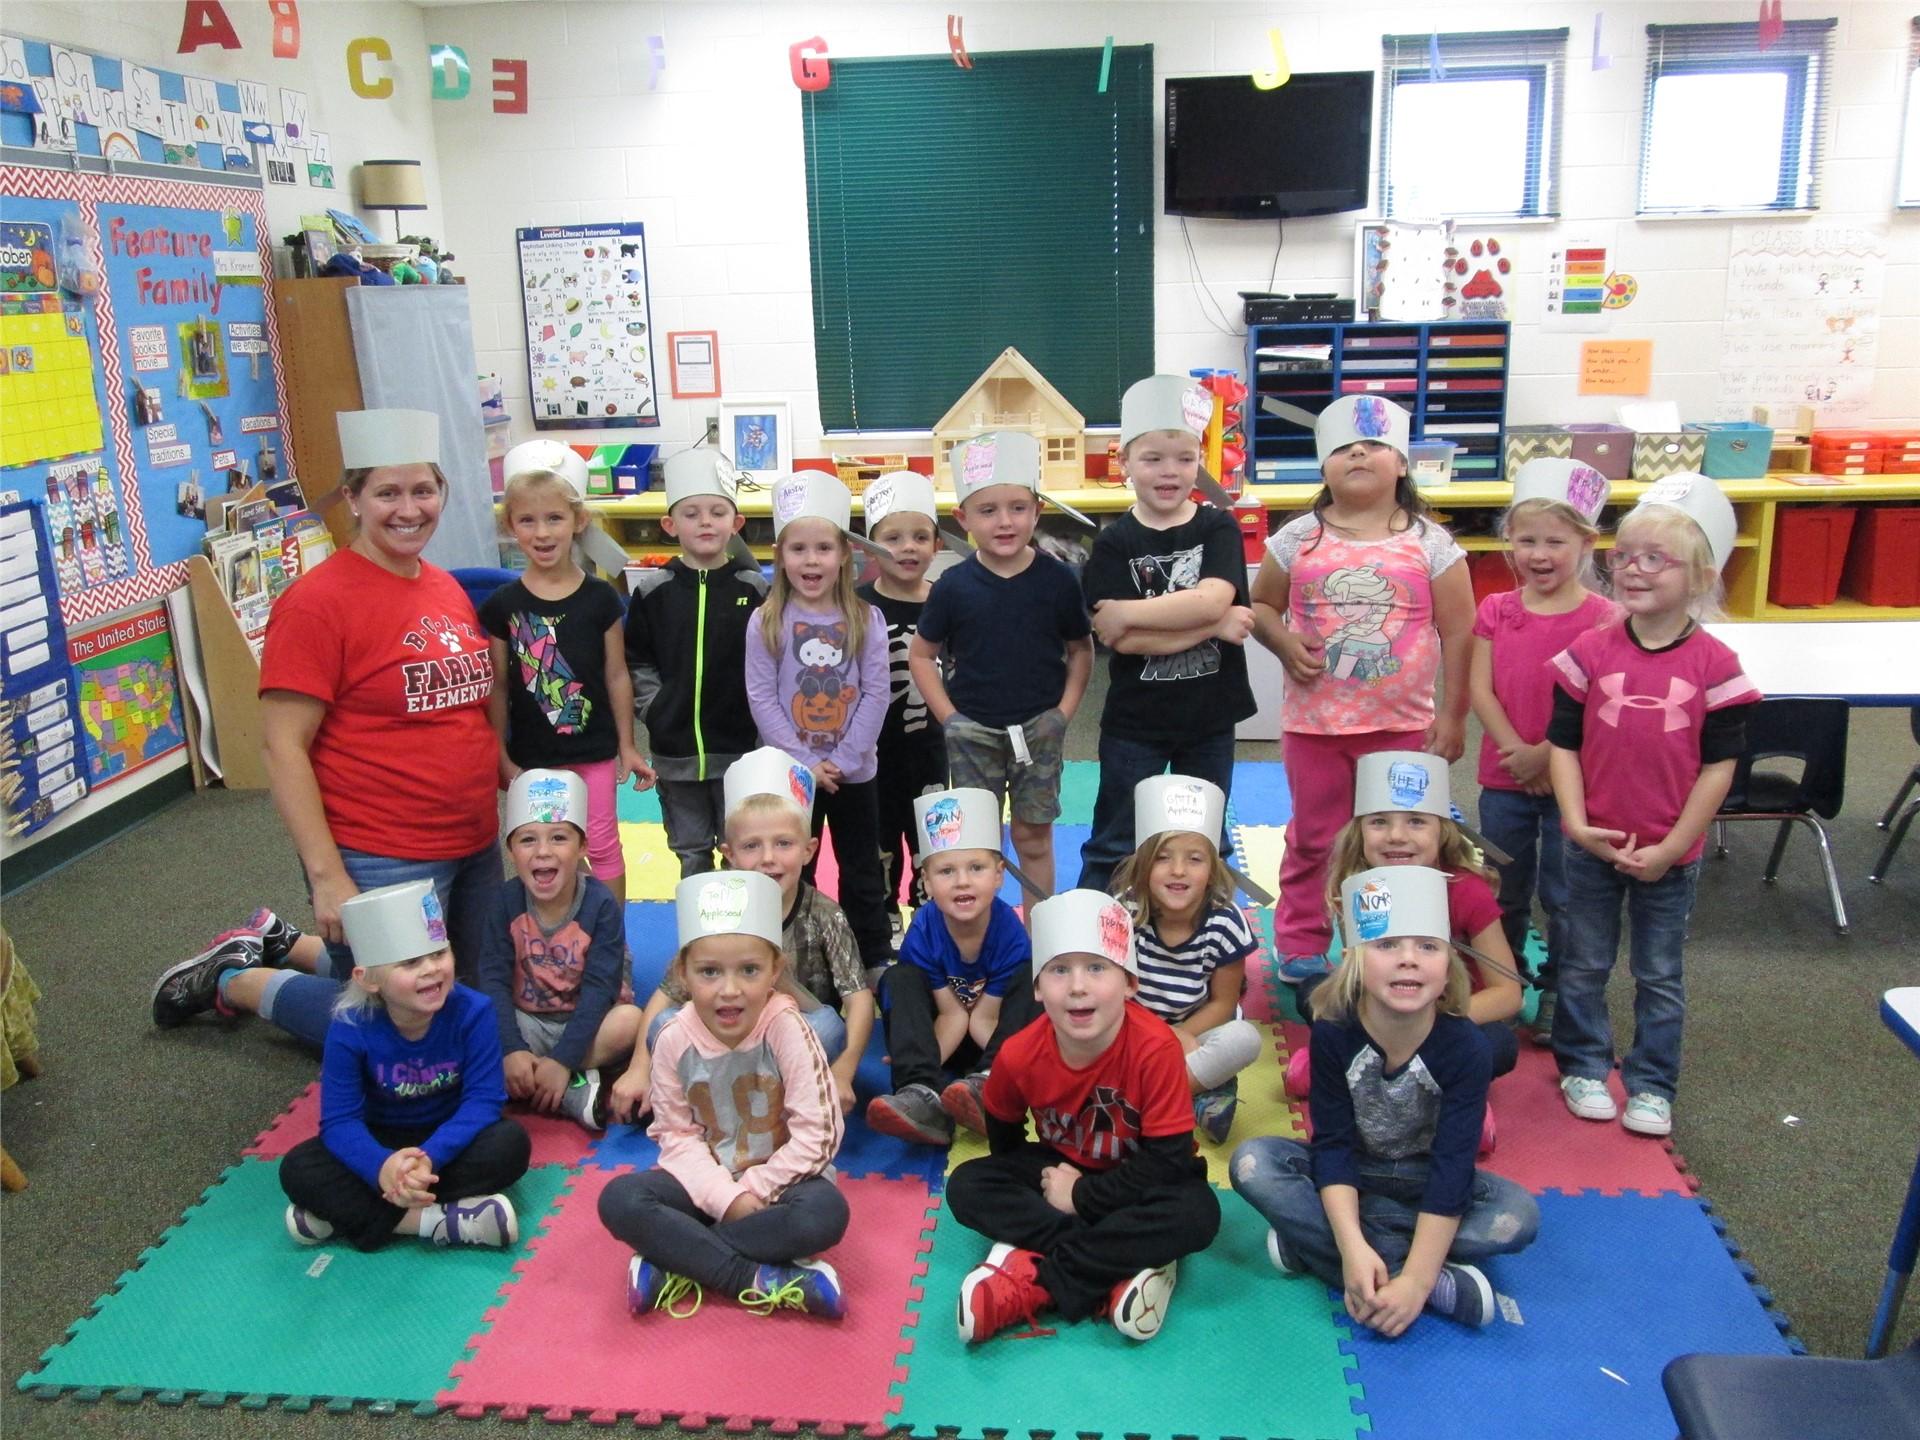 Mrs. Kramer's Prek students